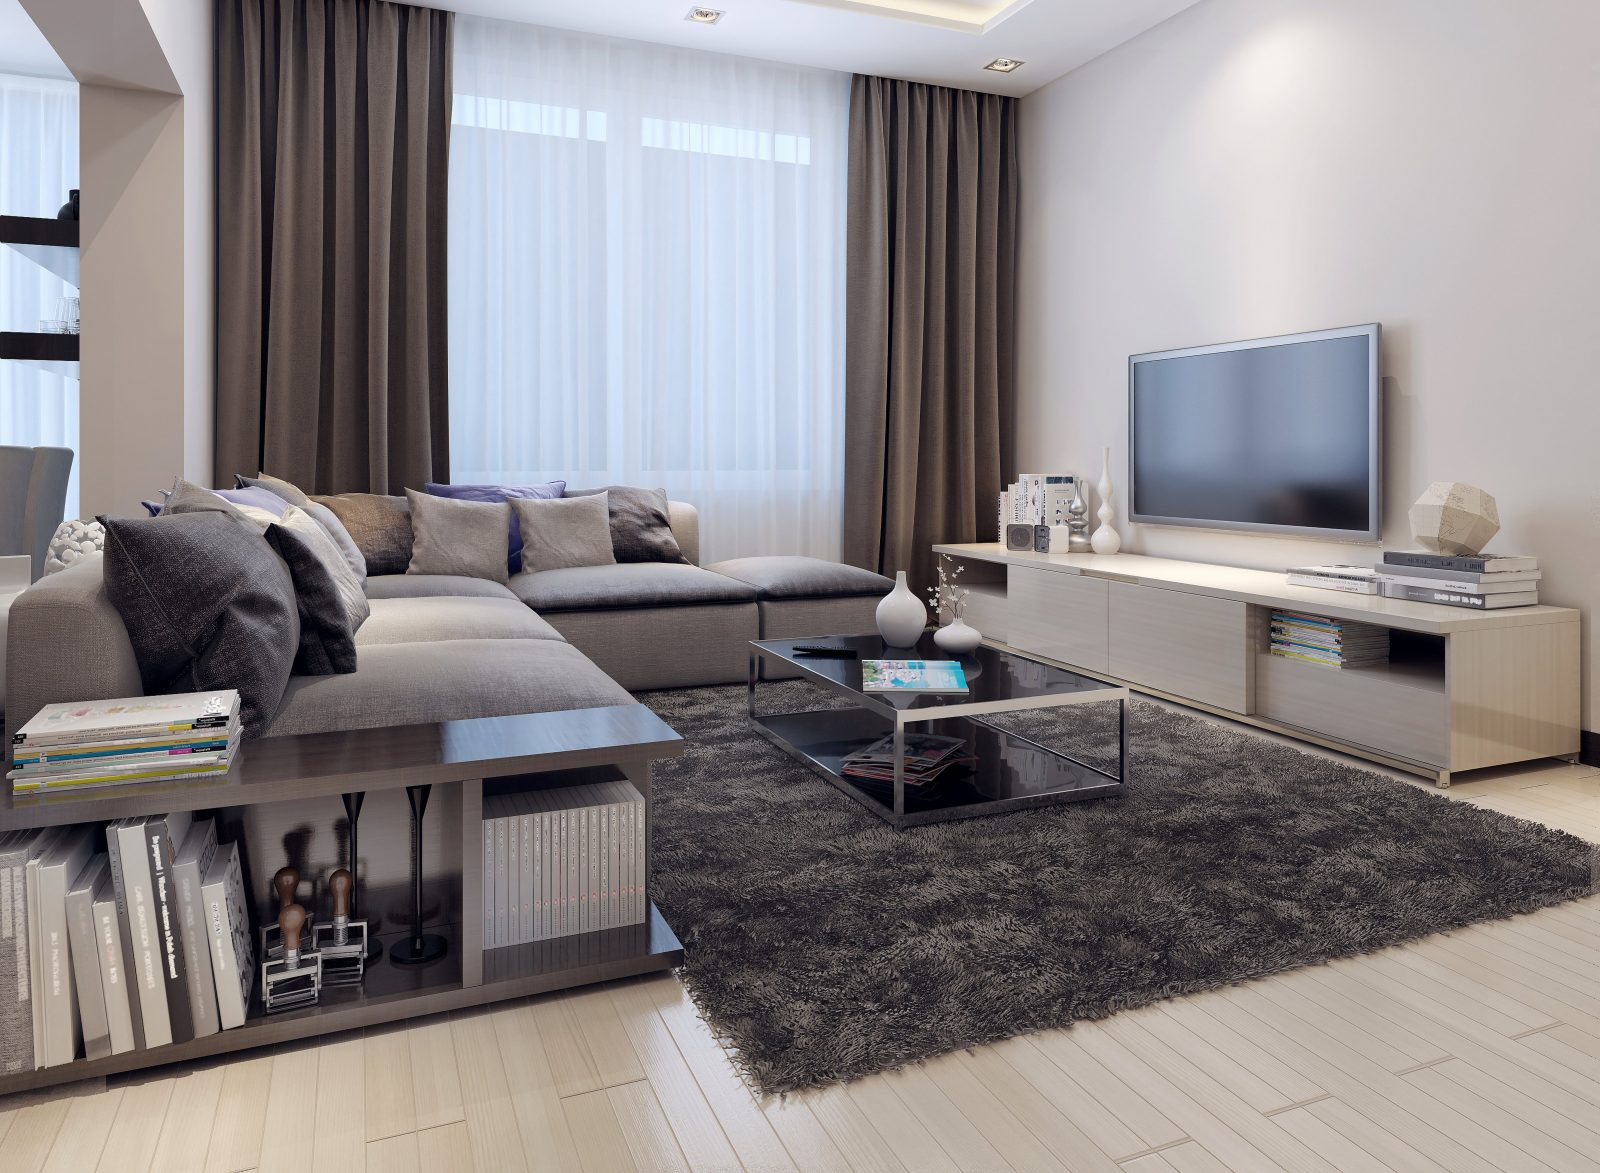 Farbe Bekennen Und Kleine Räume Groß Rausbringen 10 Farbtipps Für von Wohnzimmer Wände Farblich Gestalten Photo